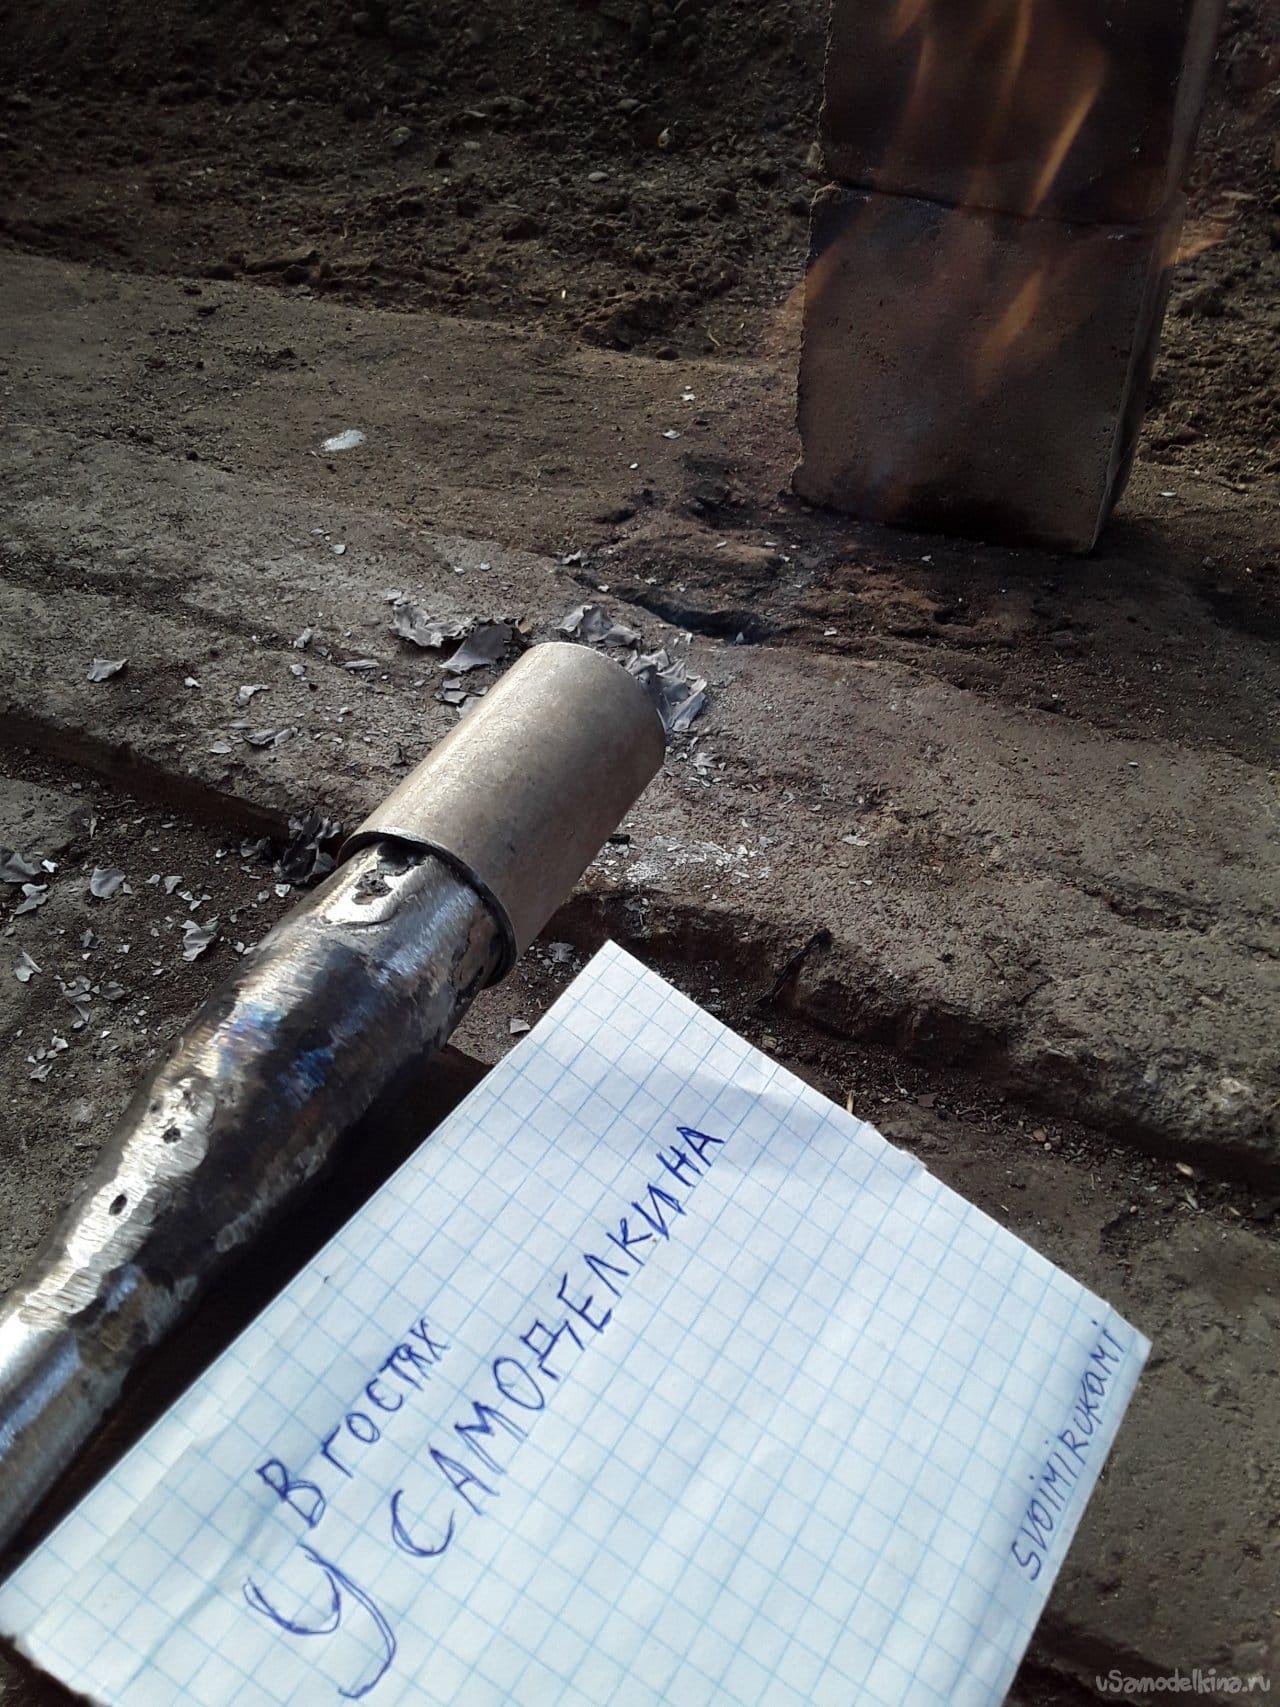 Injection burner for gas furnace